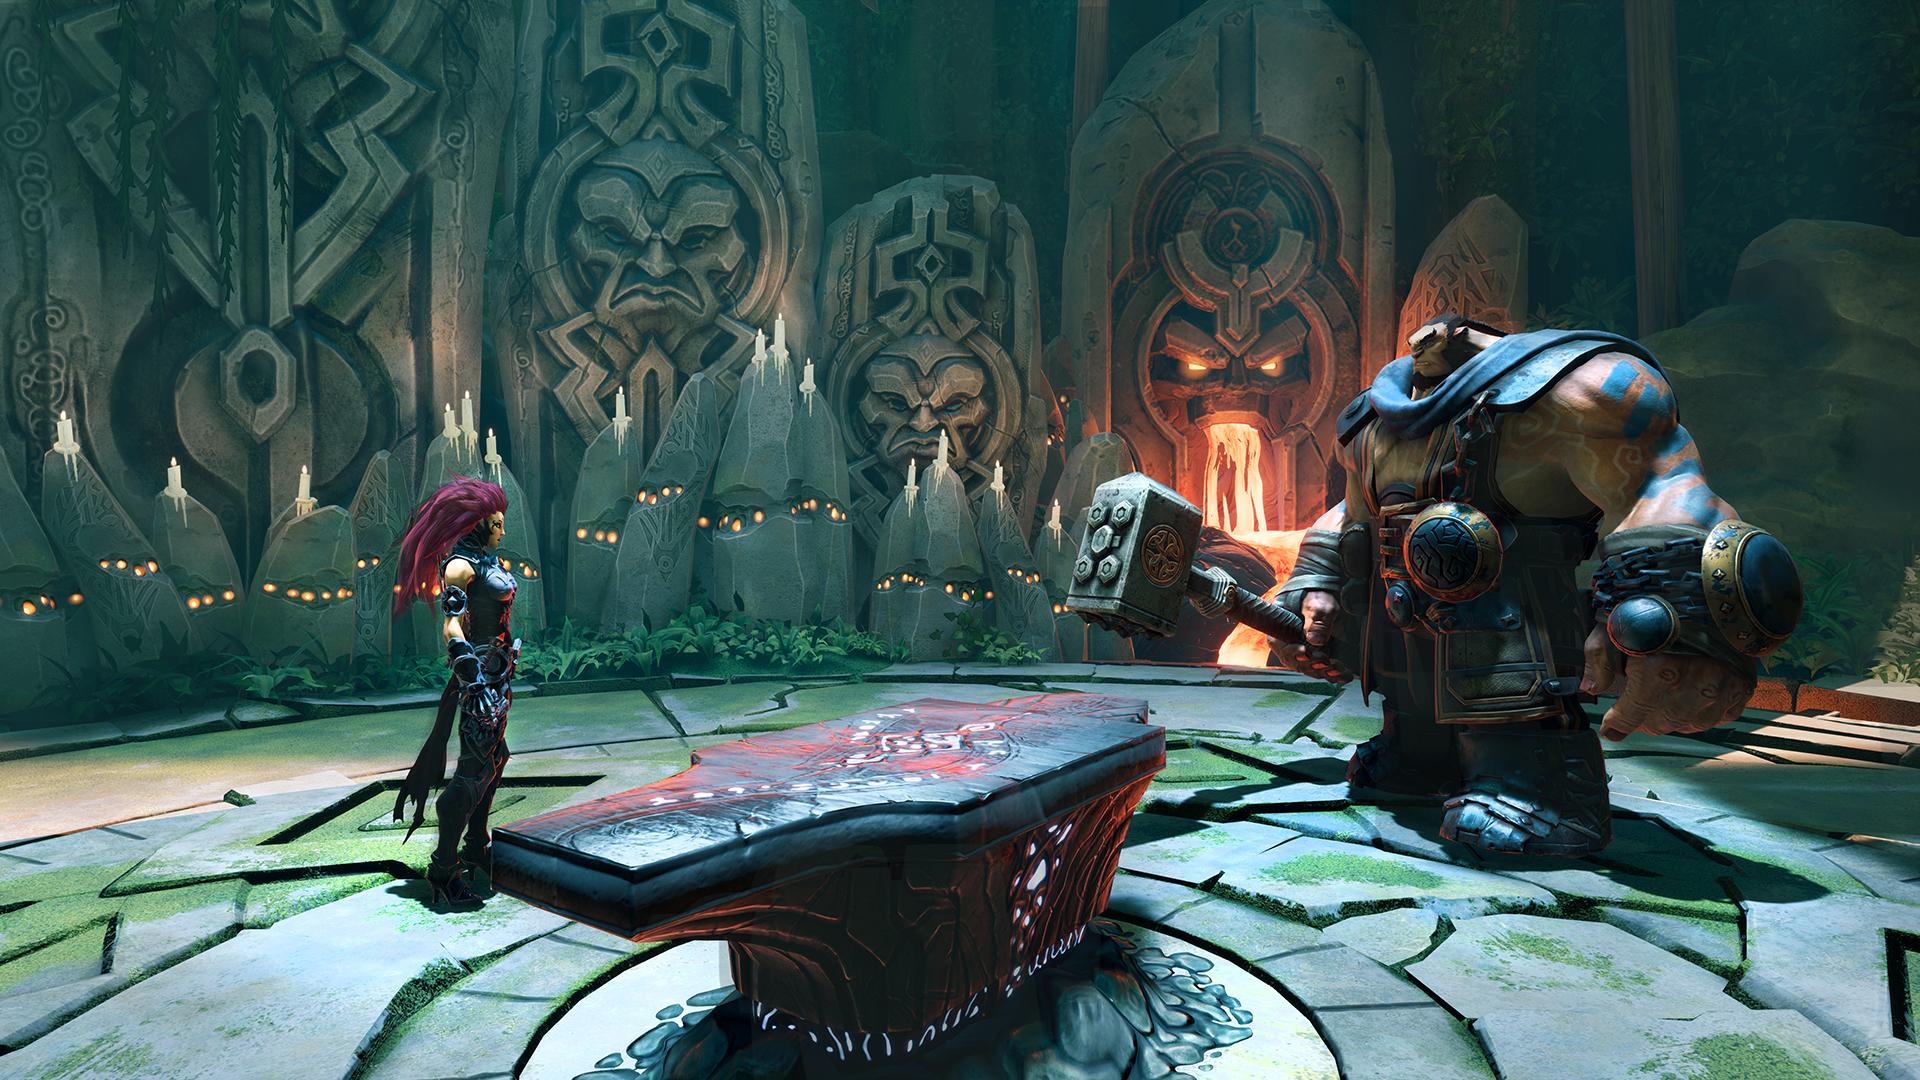 暗黑血统2:死亡终极版/暗黑血统2终极版 集成终极版2号升级档/Darksiders 2